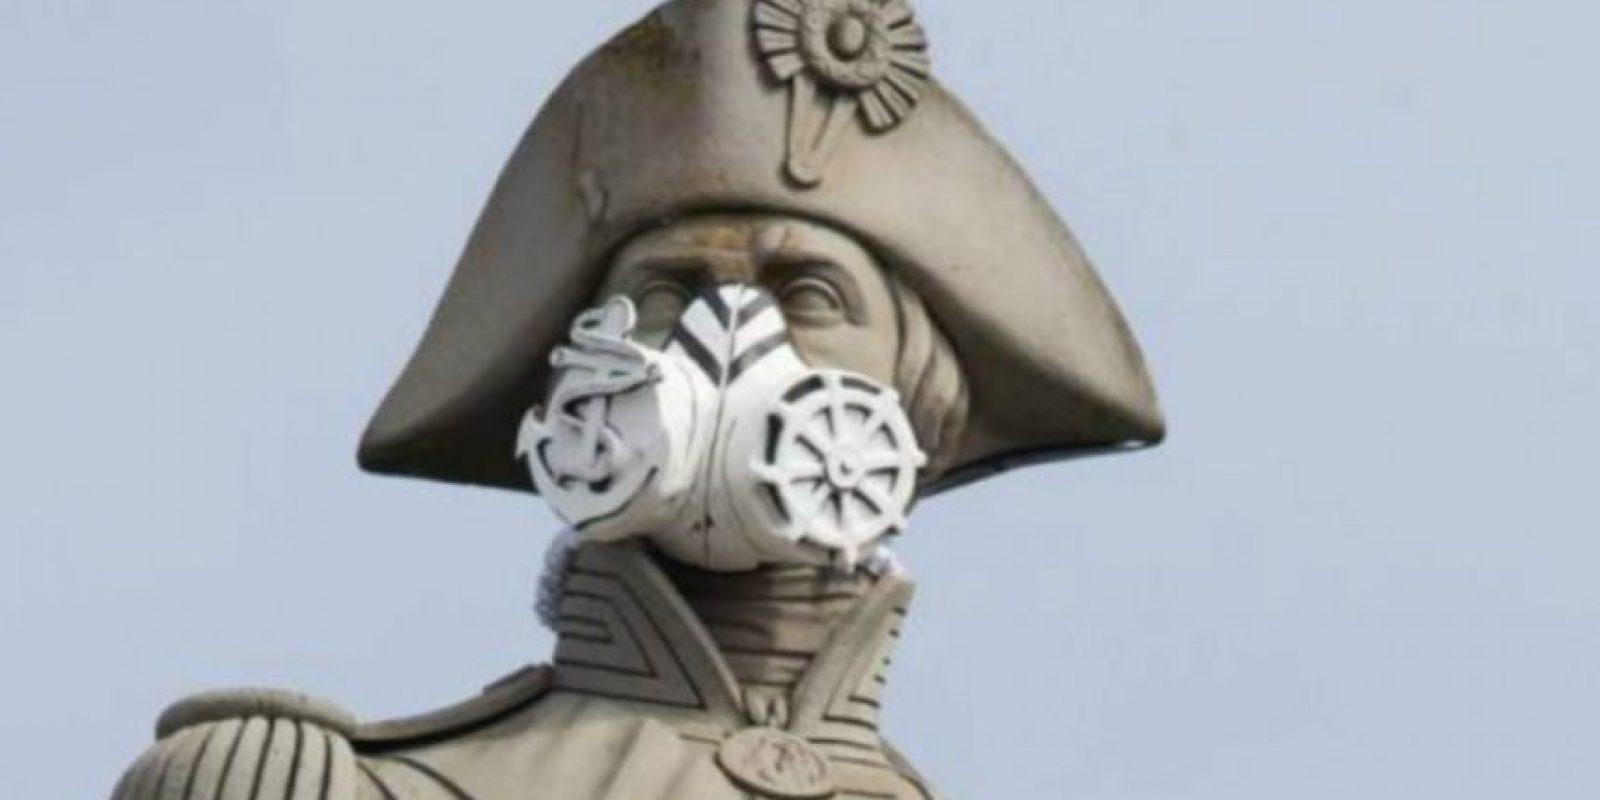 La estatua del Almirante Nelson, de la Trafalgar Square de Londres, con mascarilla. Foto:AFP. Imagen Por: